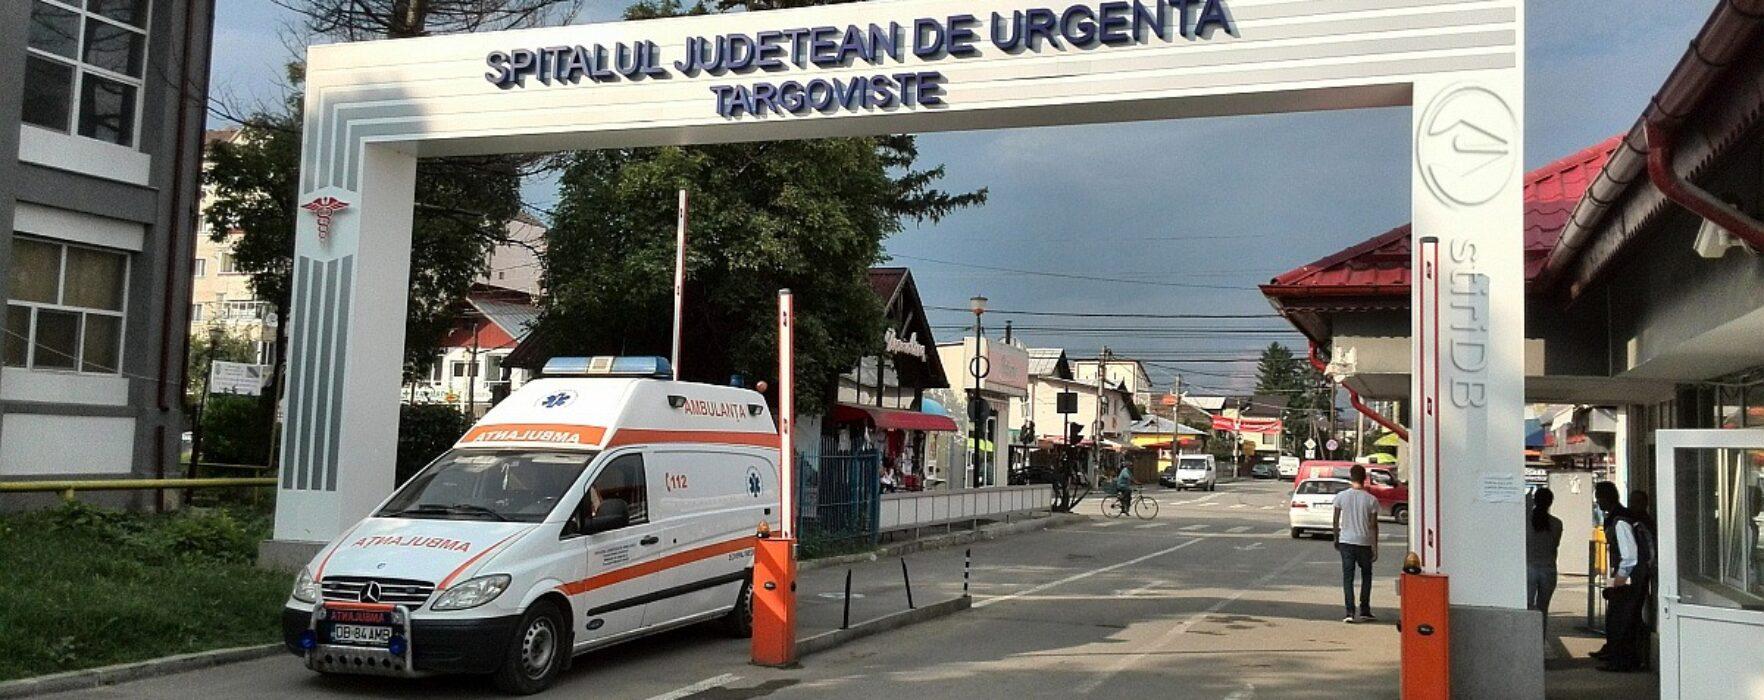 Târgovişte: S-a aruncat de la etajul patru şi a ajuns în stare gravă la spital